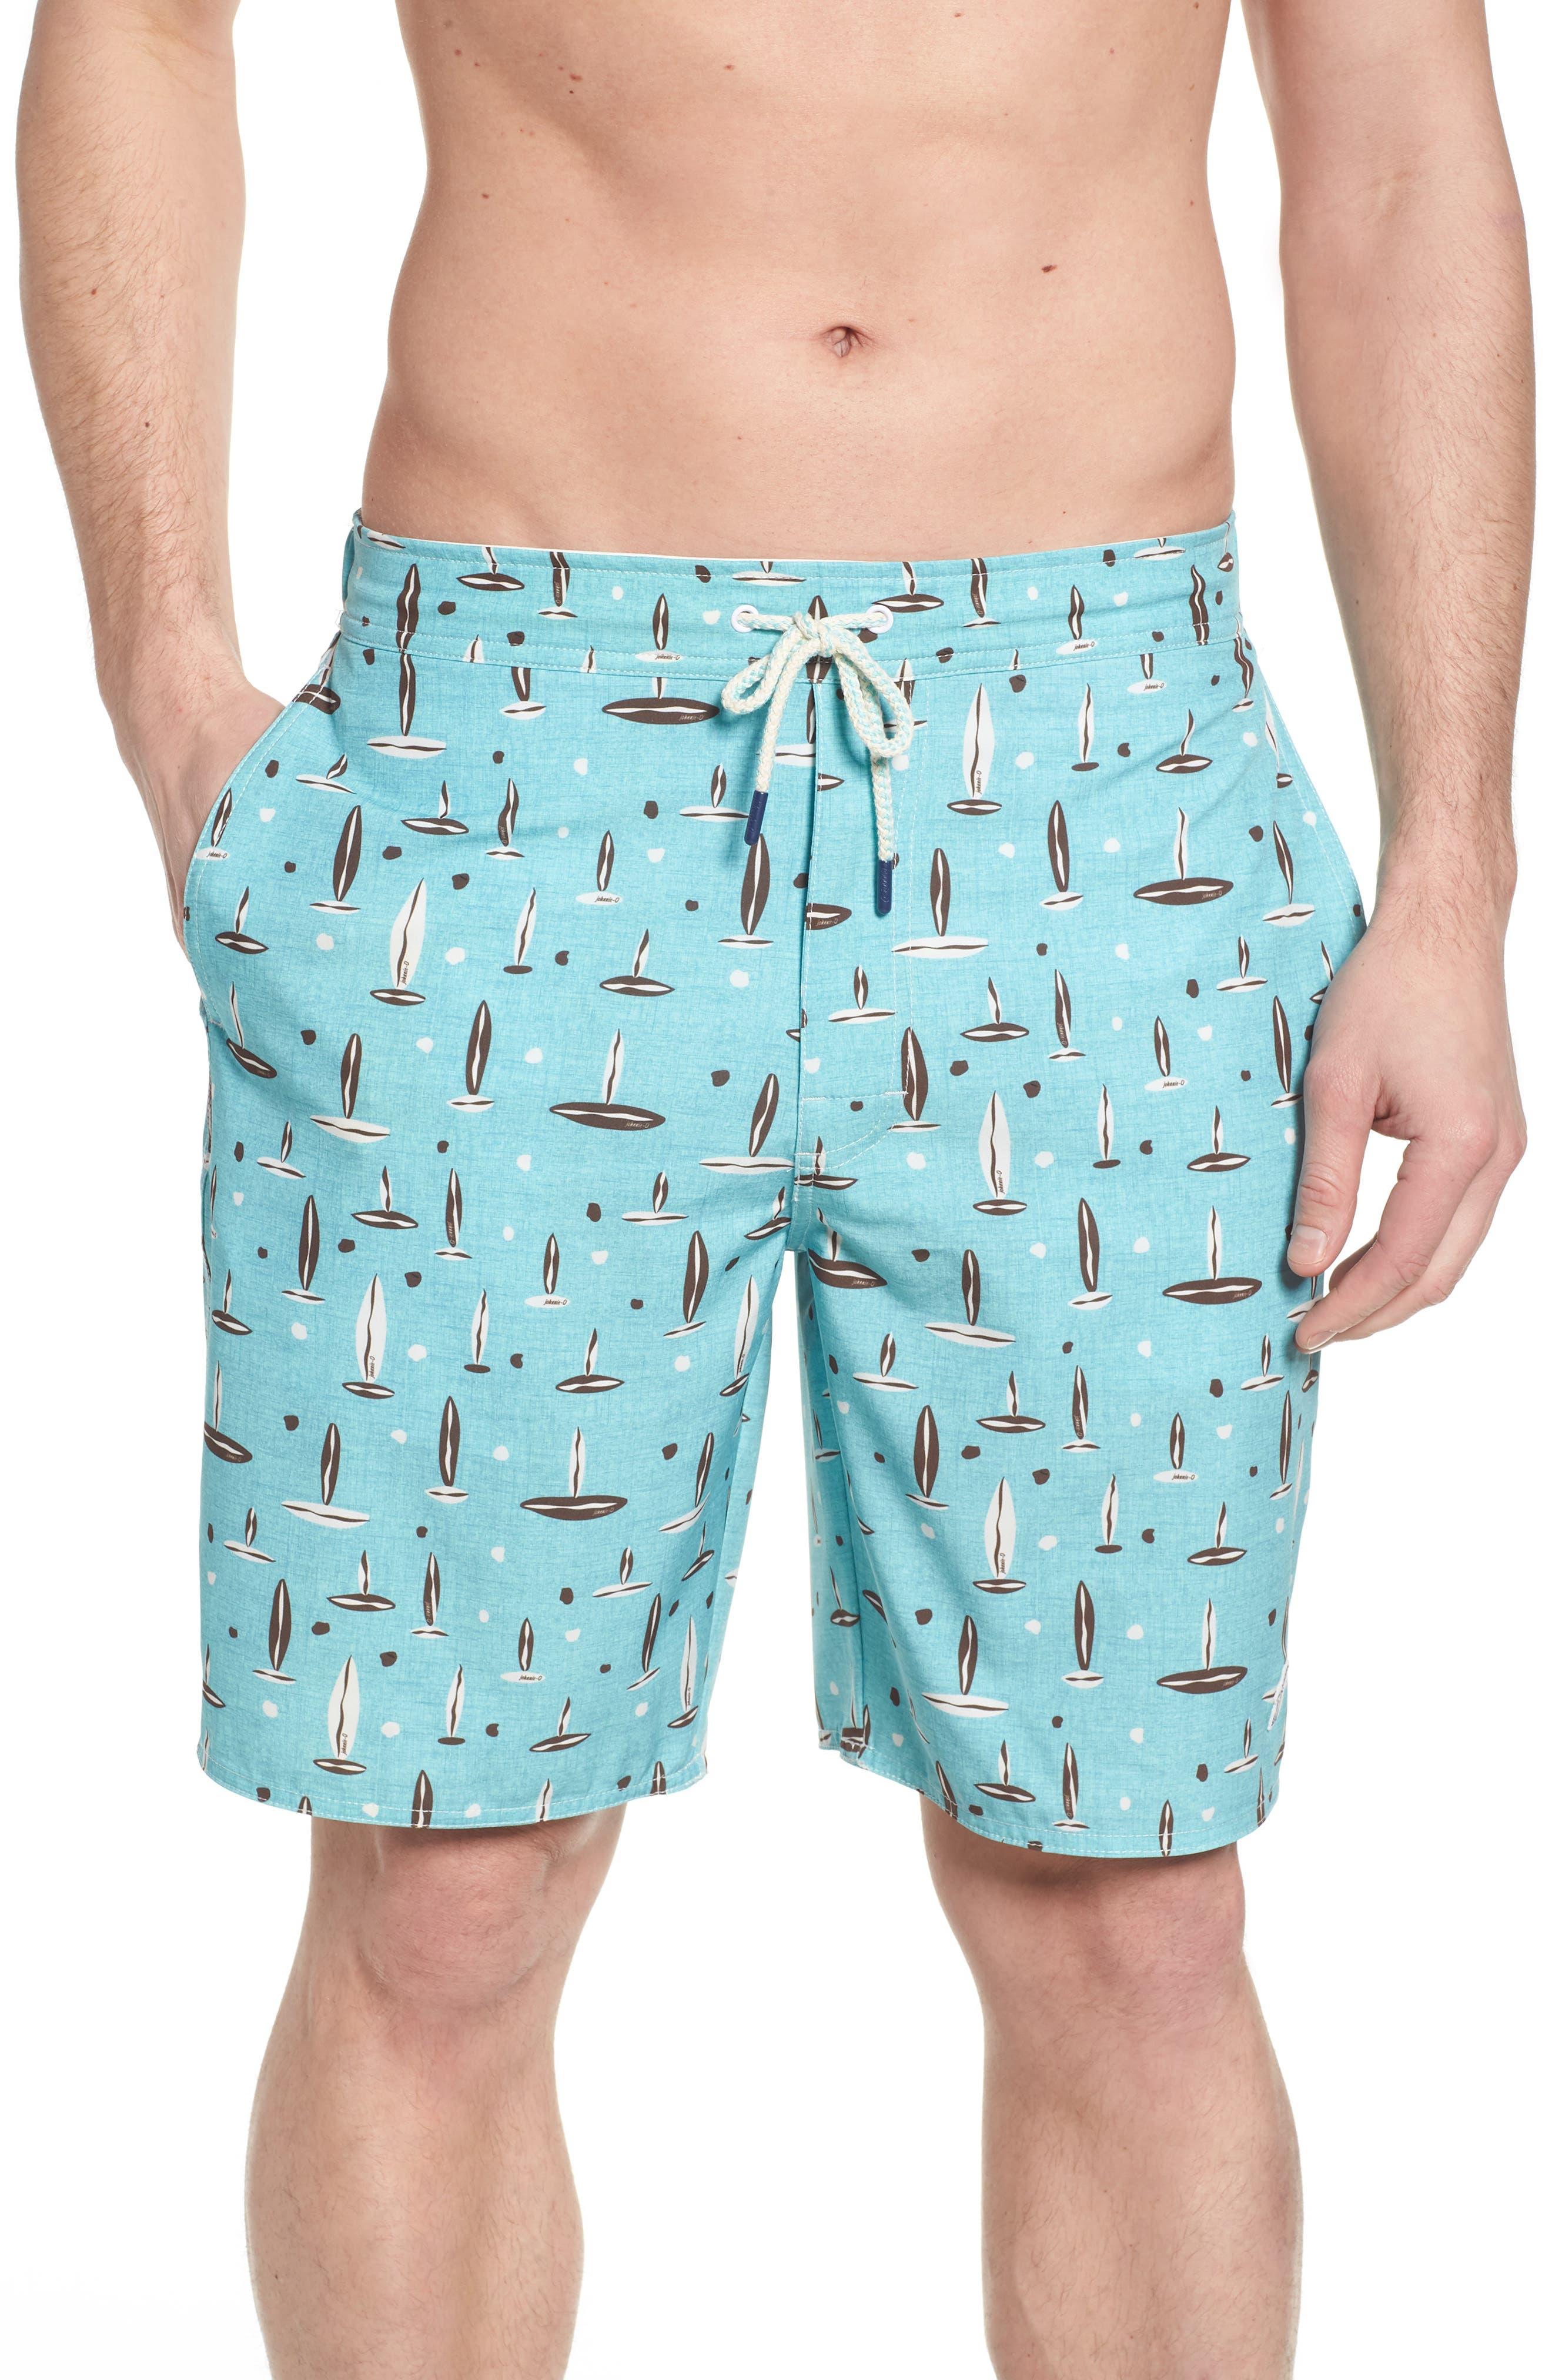 Rowan Regular Fit Board Shorts,                             Main thumbnail 1, color,                             SURF